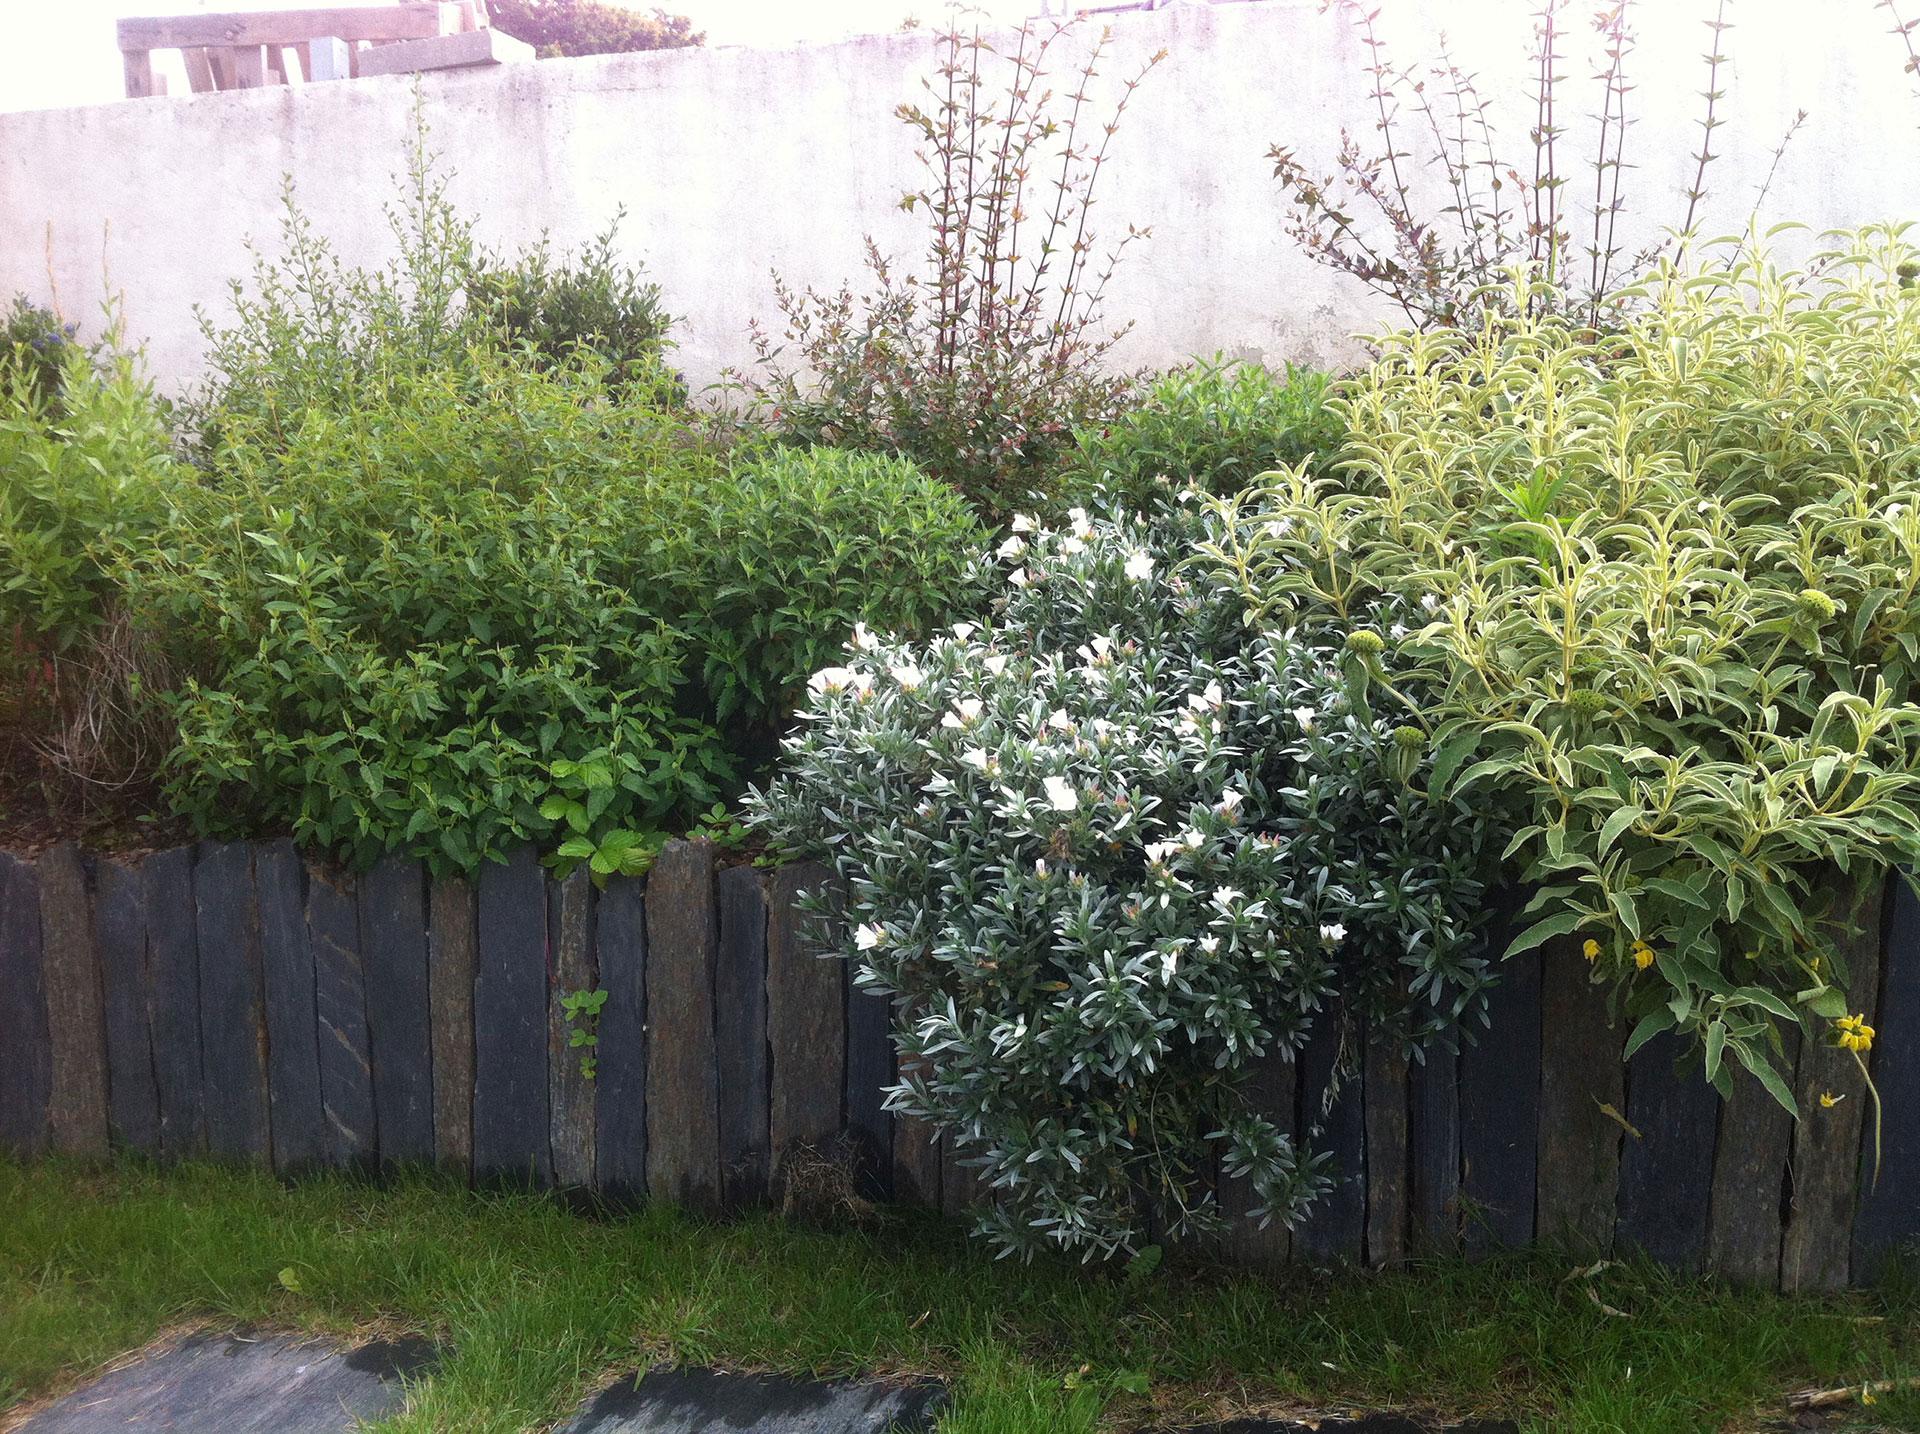 Piquet En Ardoise Bois Jardin piquets, bordures de schiste noir 60cm